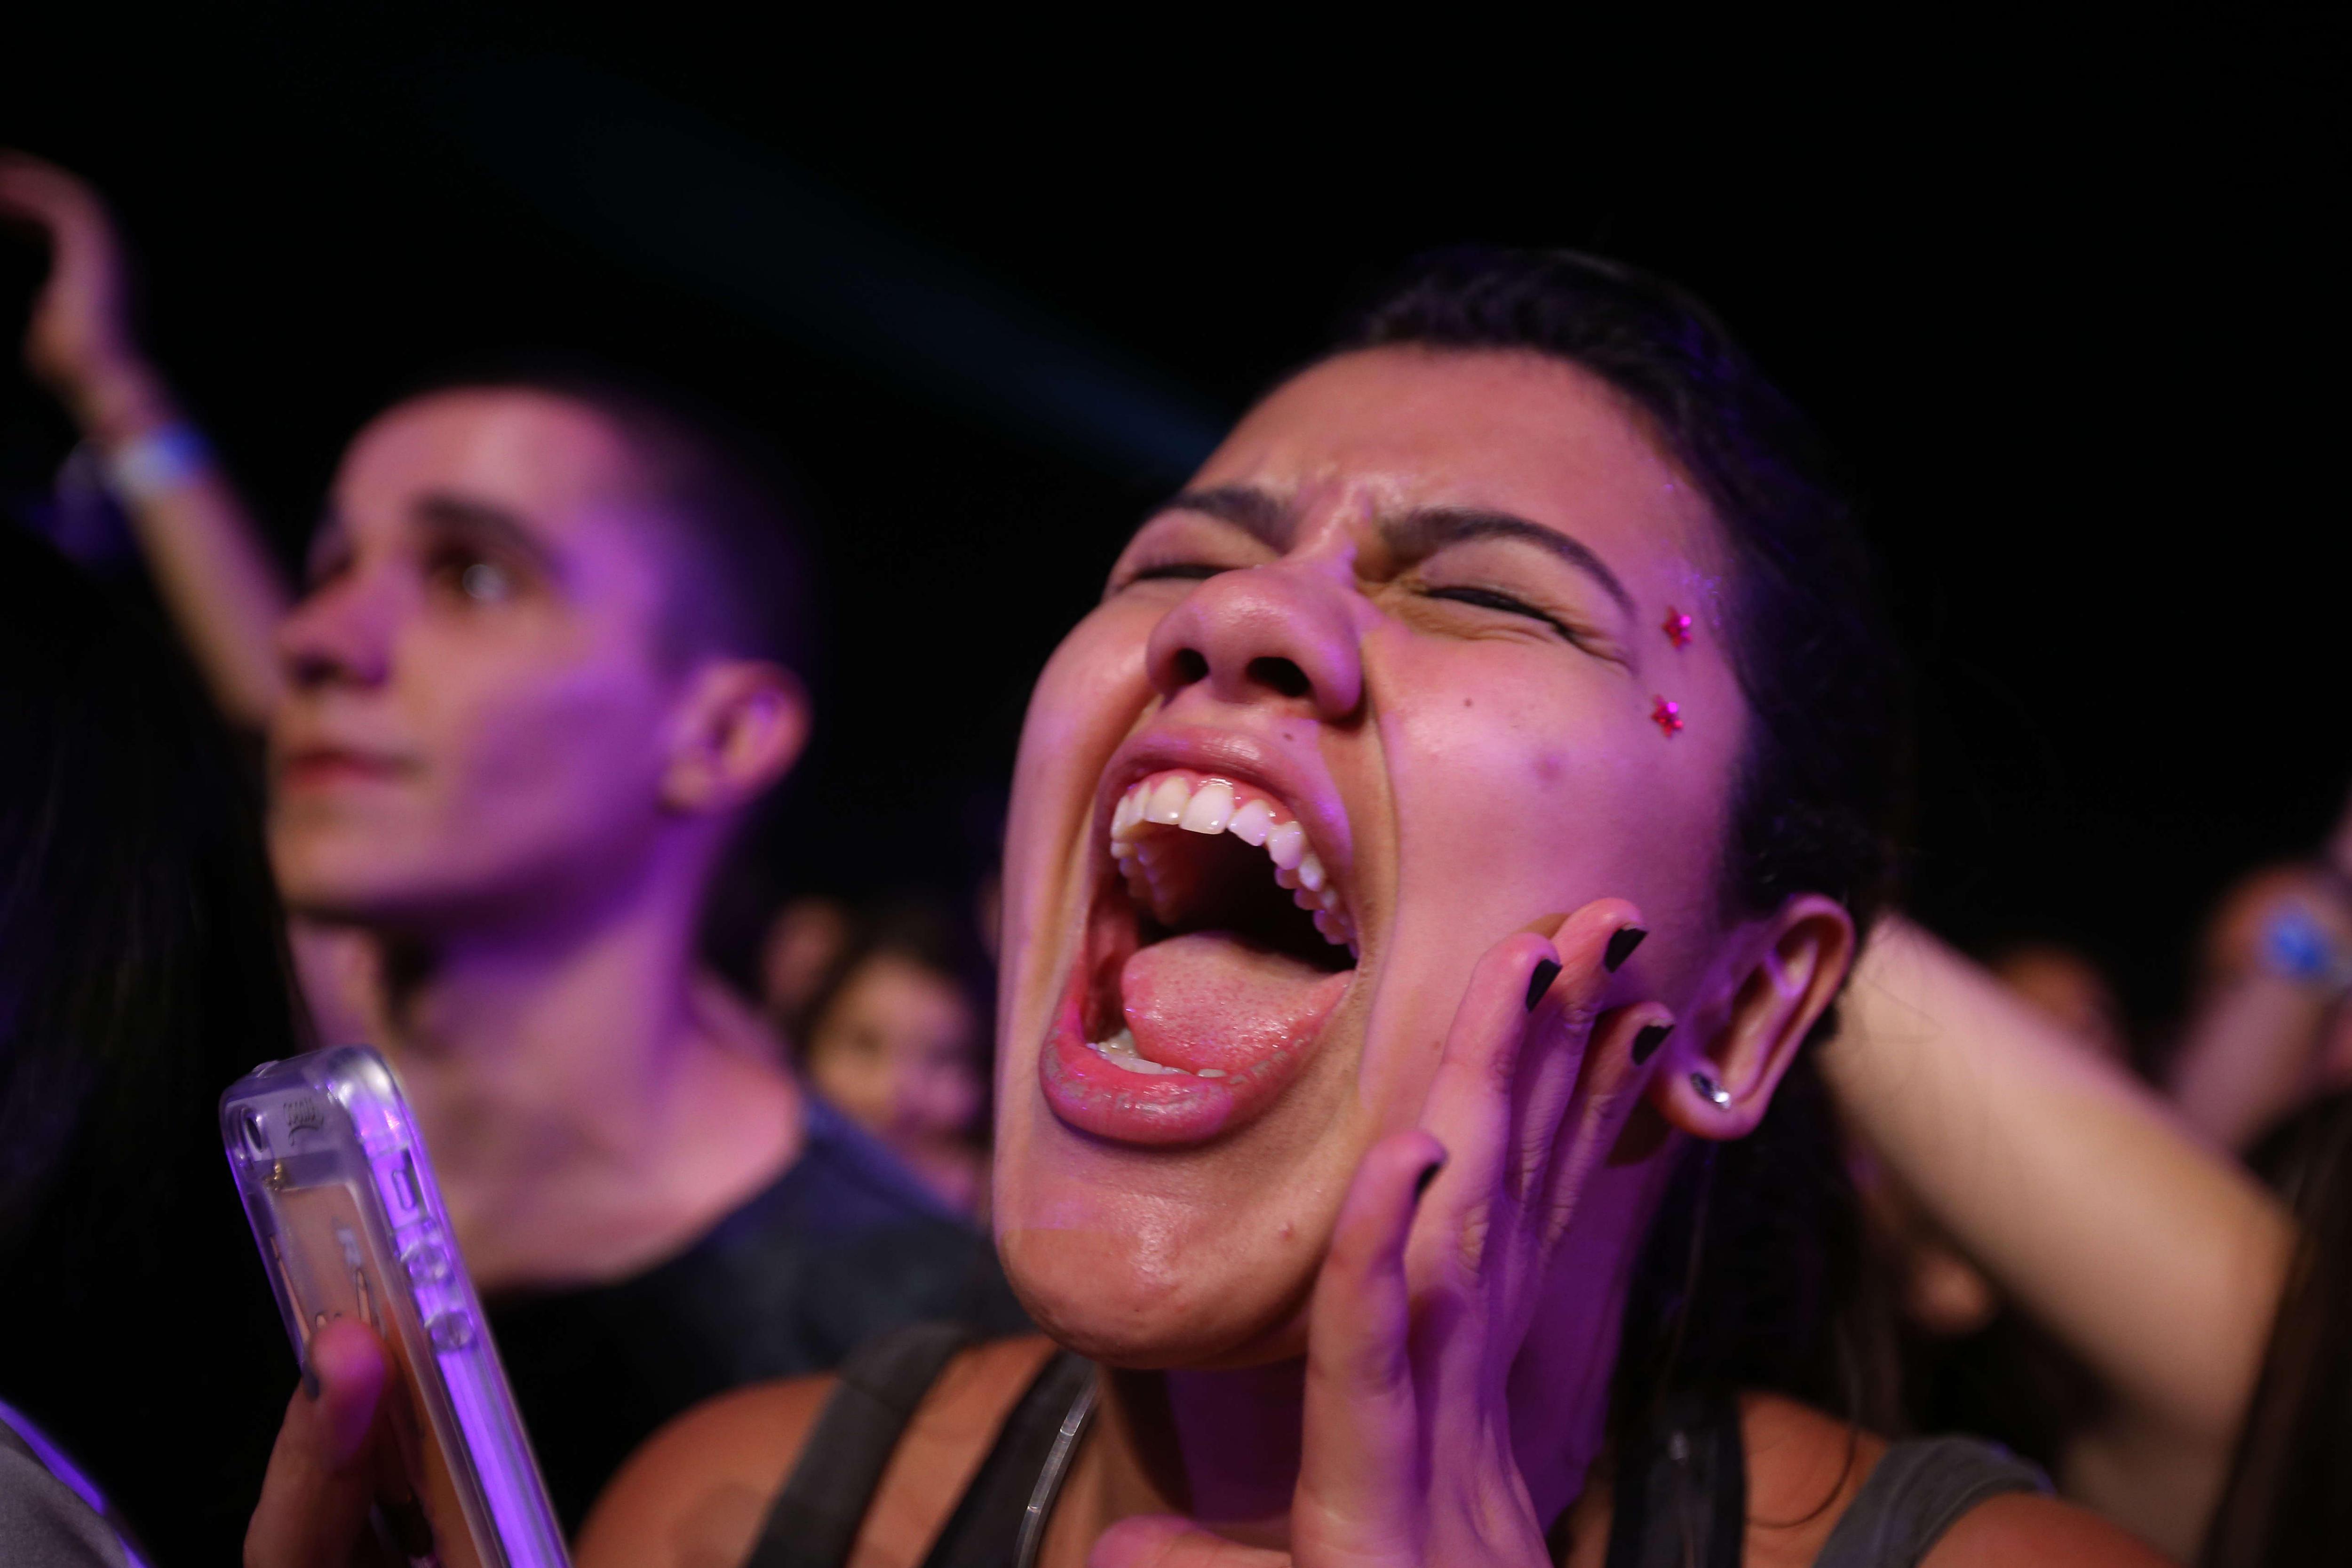 Segon dia del festival Rock in Rio (Brasil). /MARCELO SAYAO